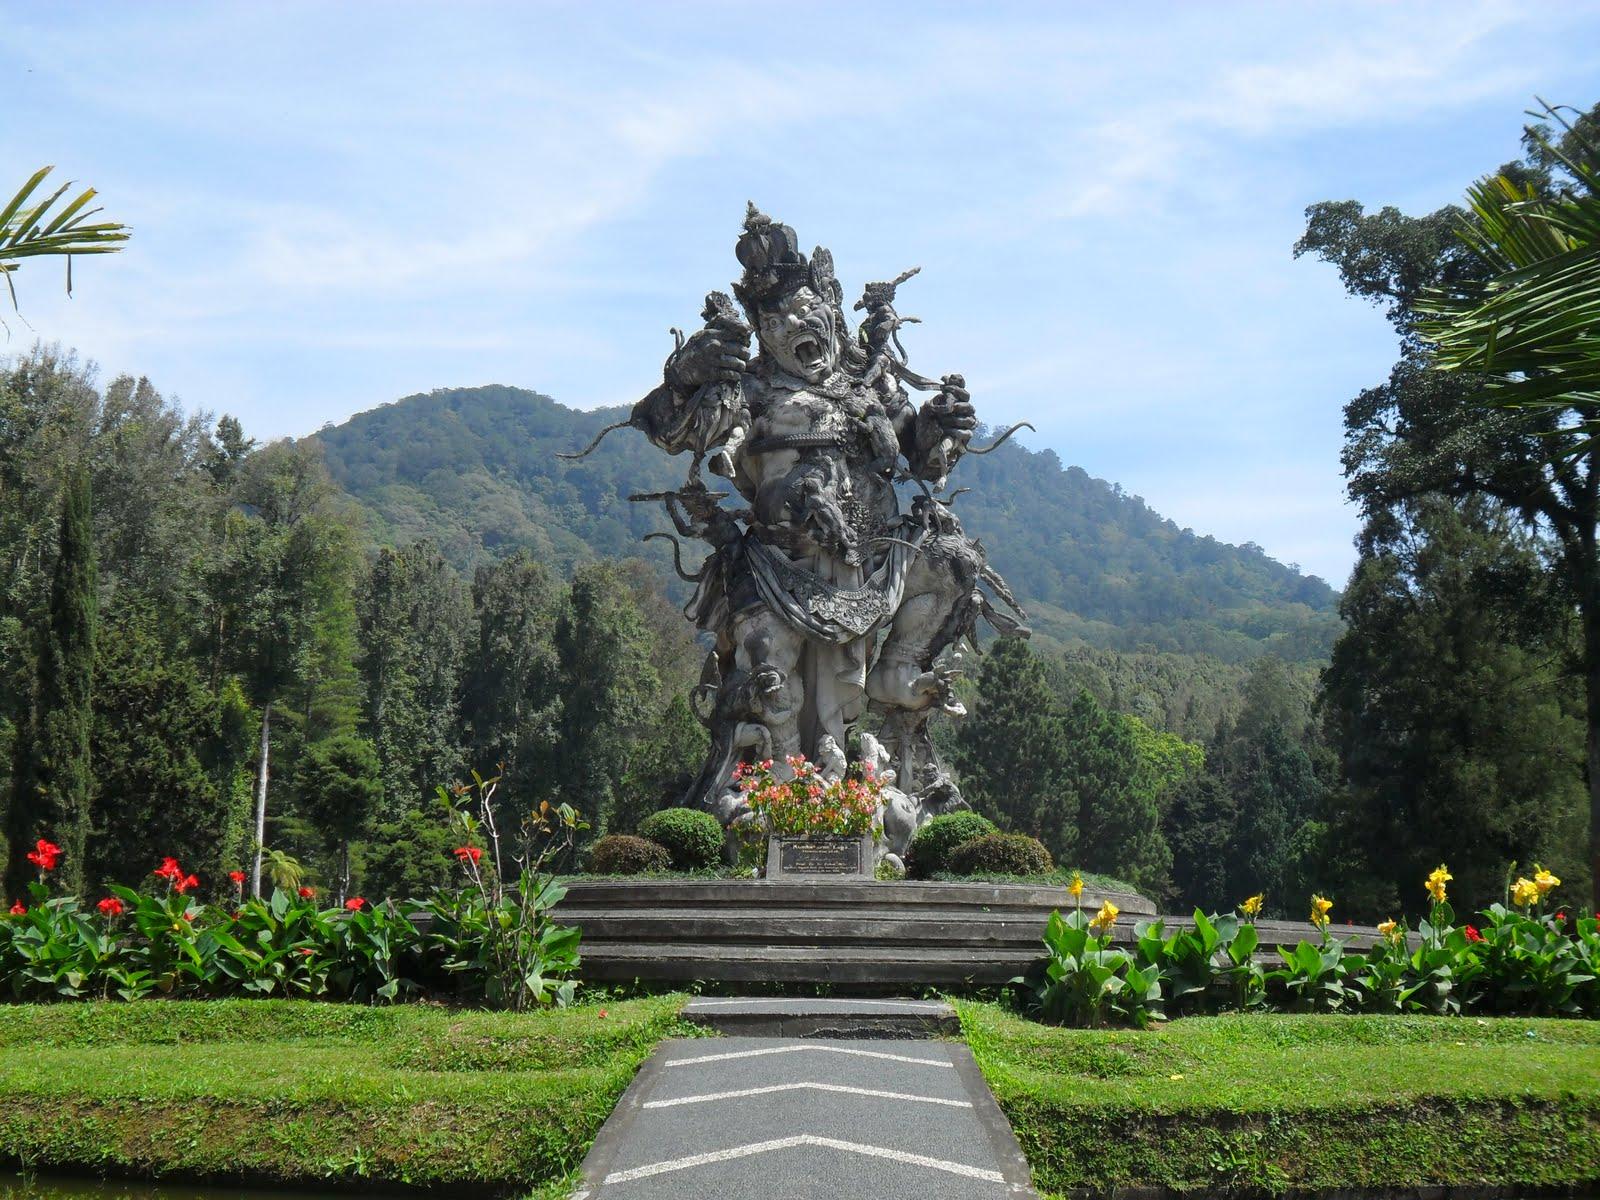 road-kumbakarna-laga-statues-bali-botanic-gardens-kandicuning-bedugul-bali-indonesia